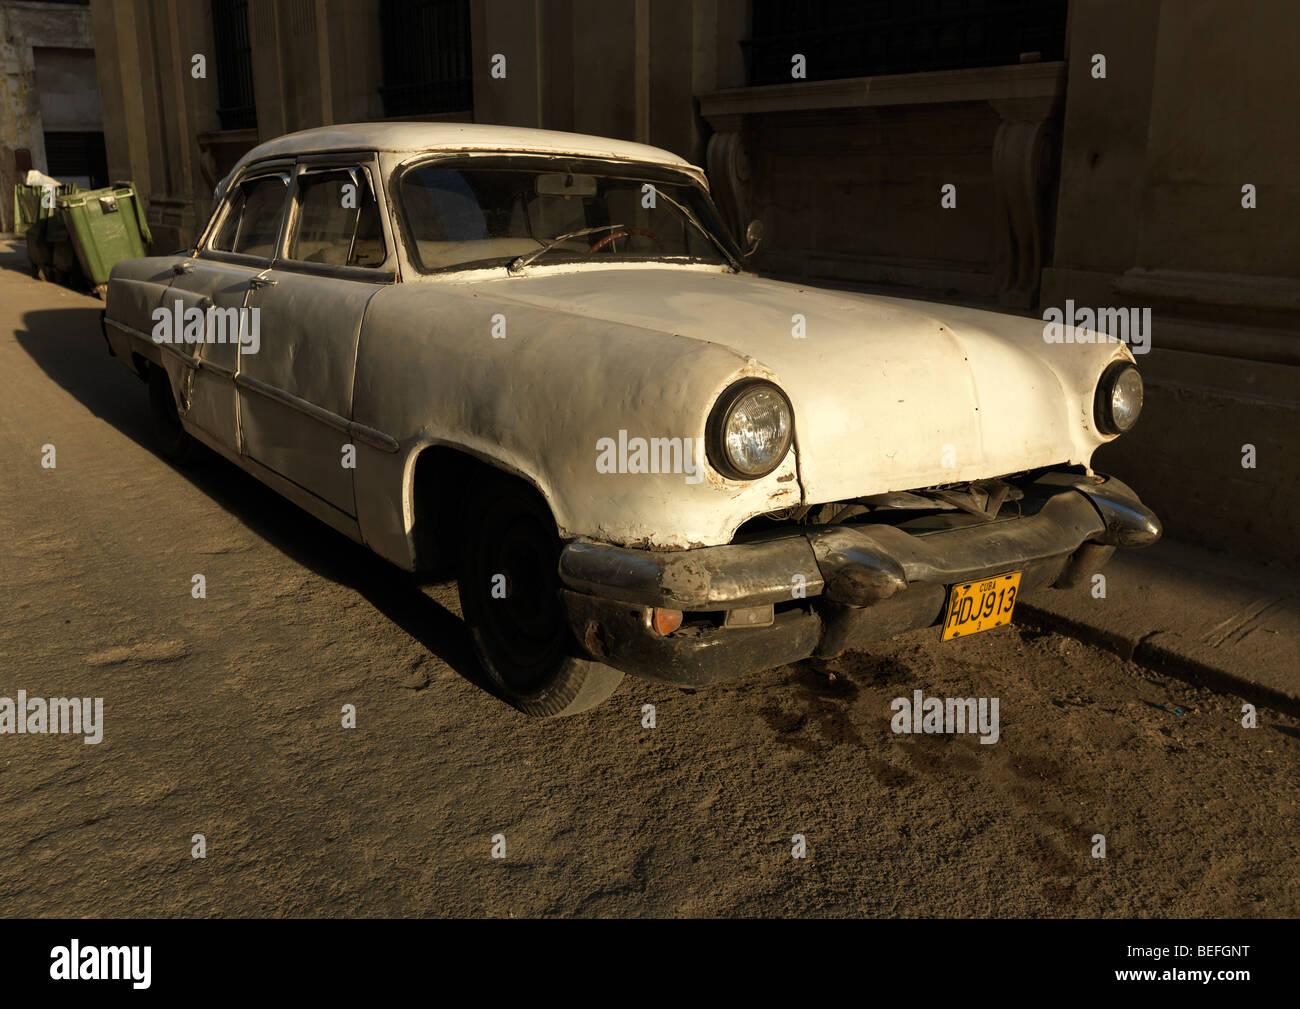 Eine weiße amerikanische historische Auto / Oldtimer in Havanna, Kuba, auf 1. März 2009 abgebildet. Stockbild